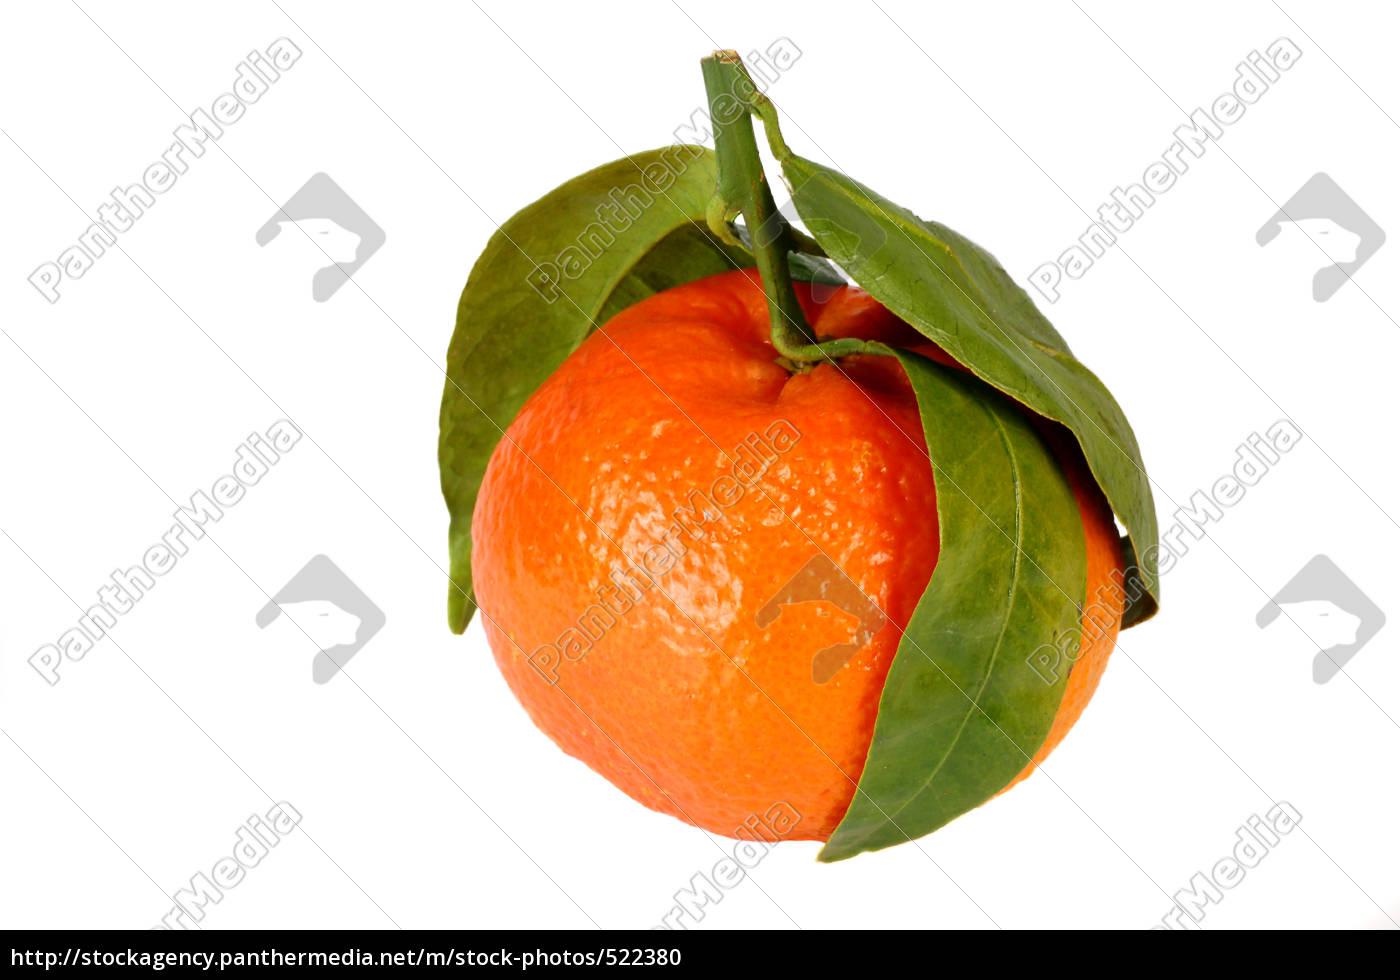 clementine - 522380